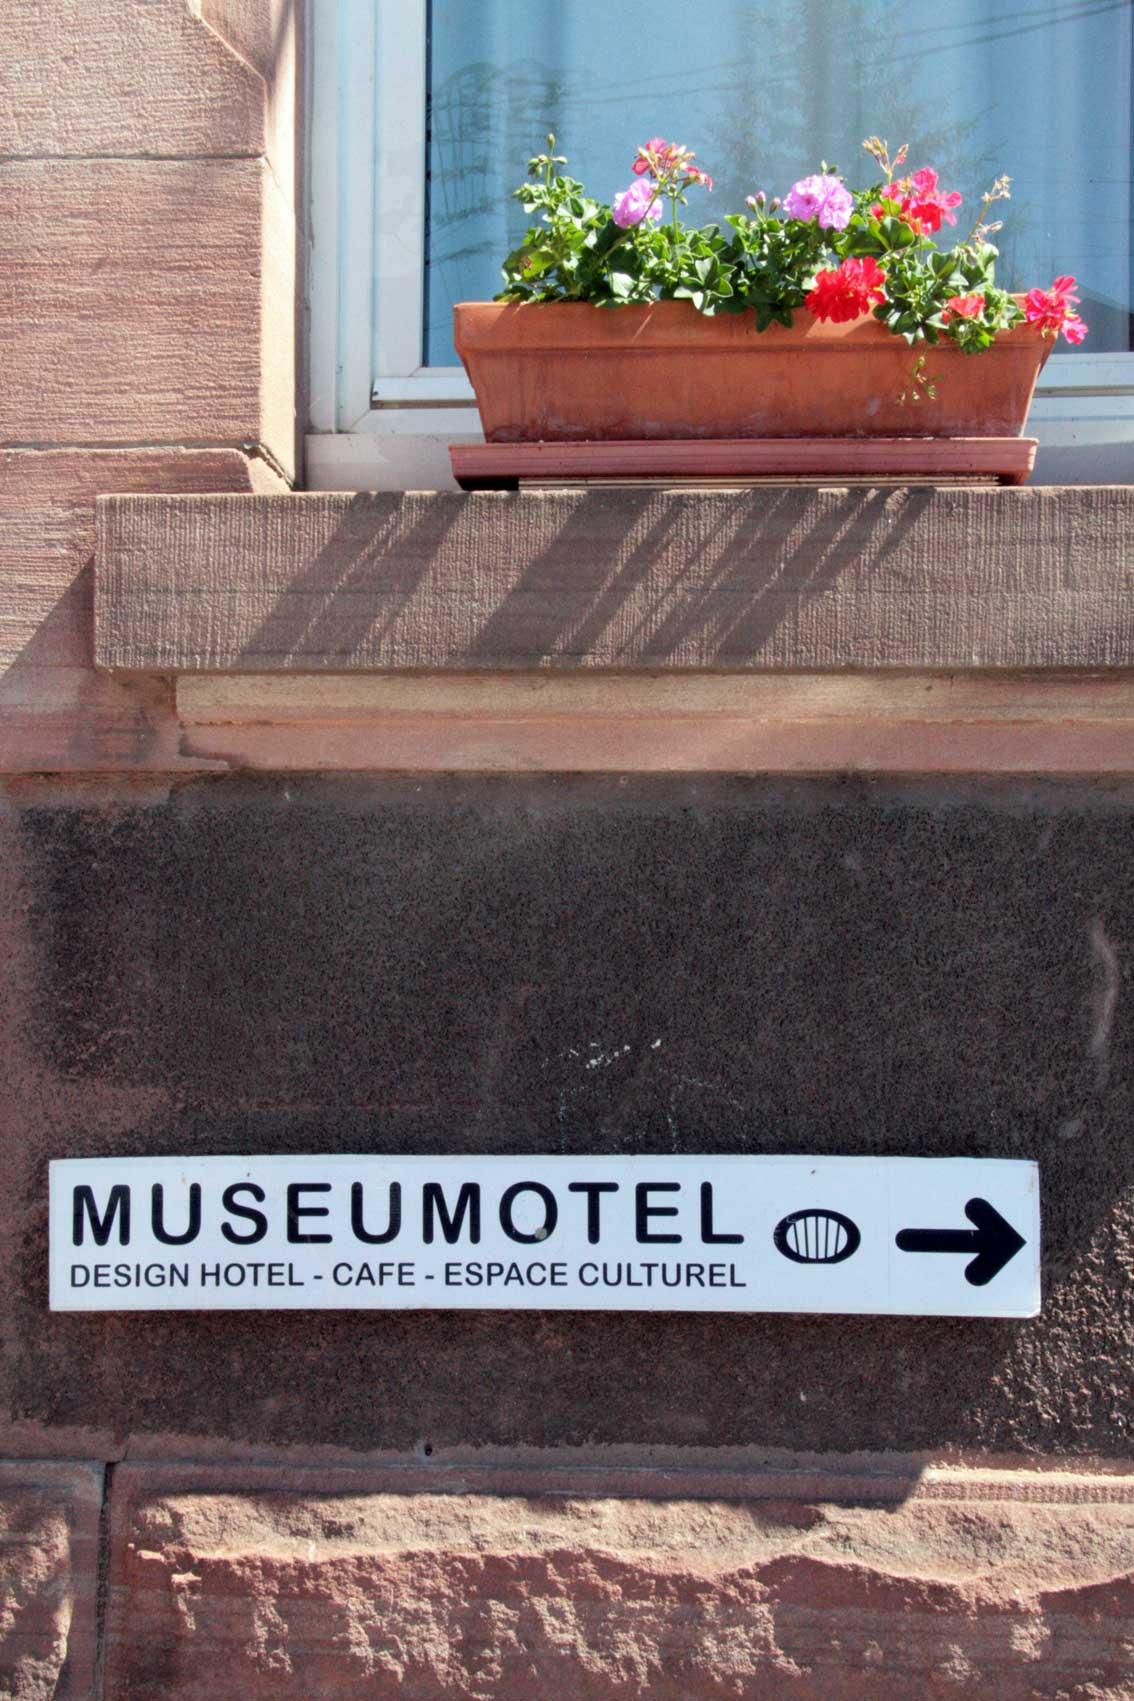 Da gehts lang zum Museomotel, Richtung Halbinsel